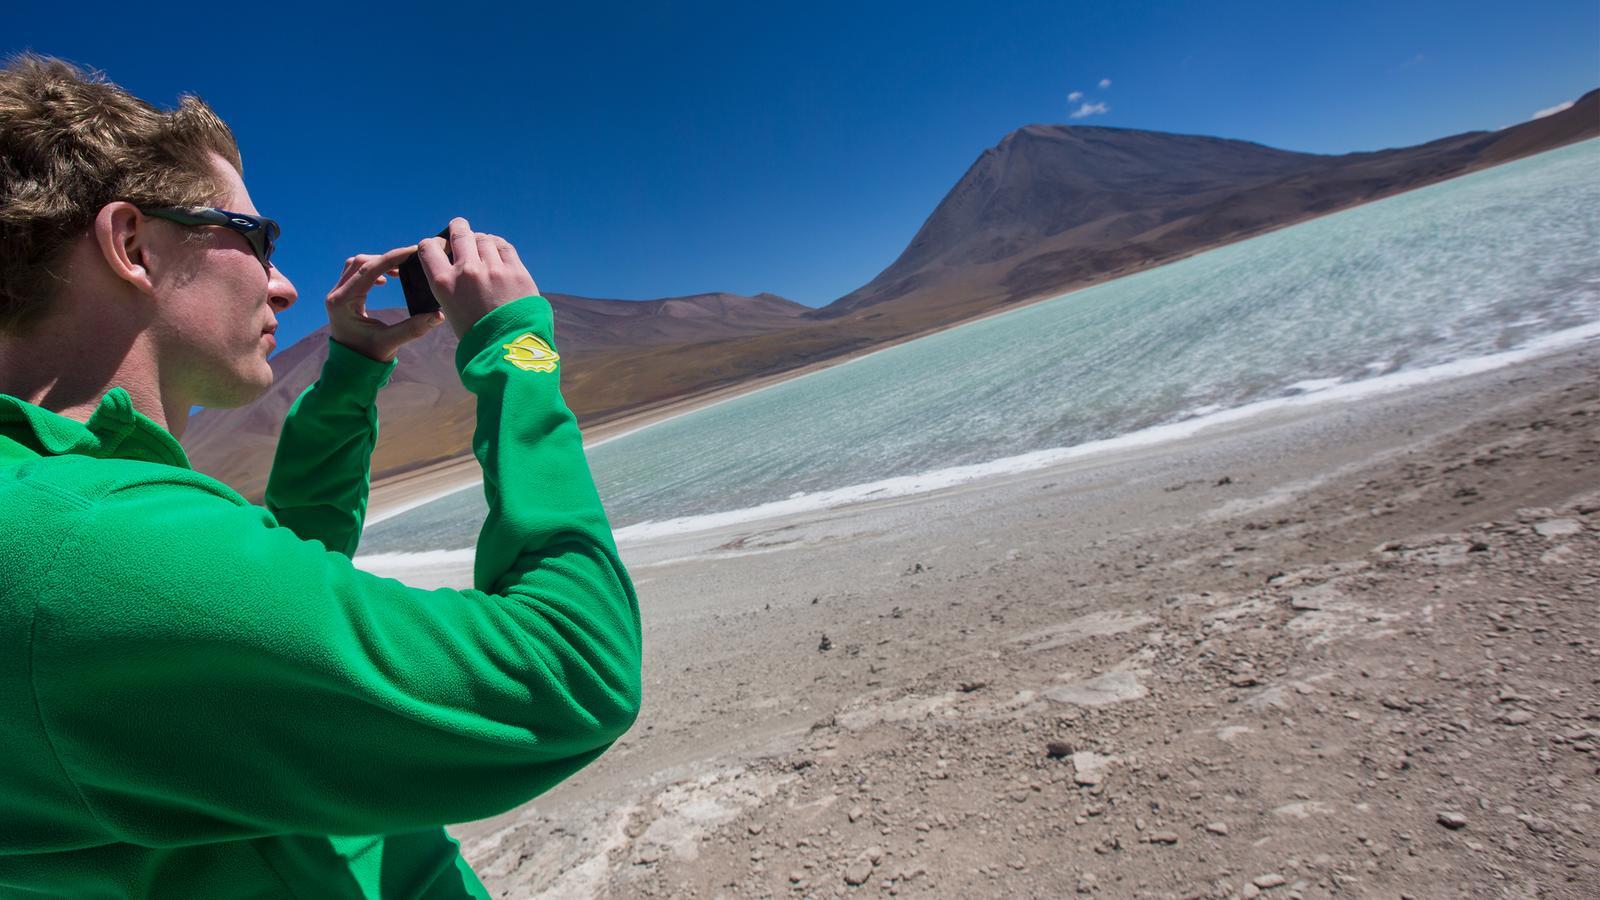 Argentinien Chile Bolivien Reise für jinge Leute Südamerika preiswert reisen in der Gruppe traveljunkies